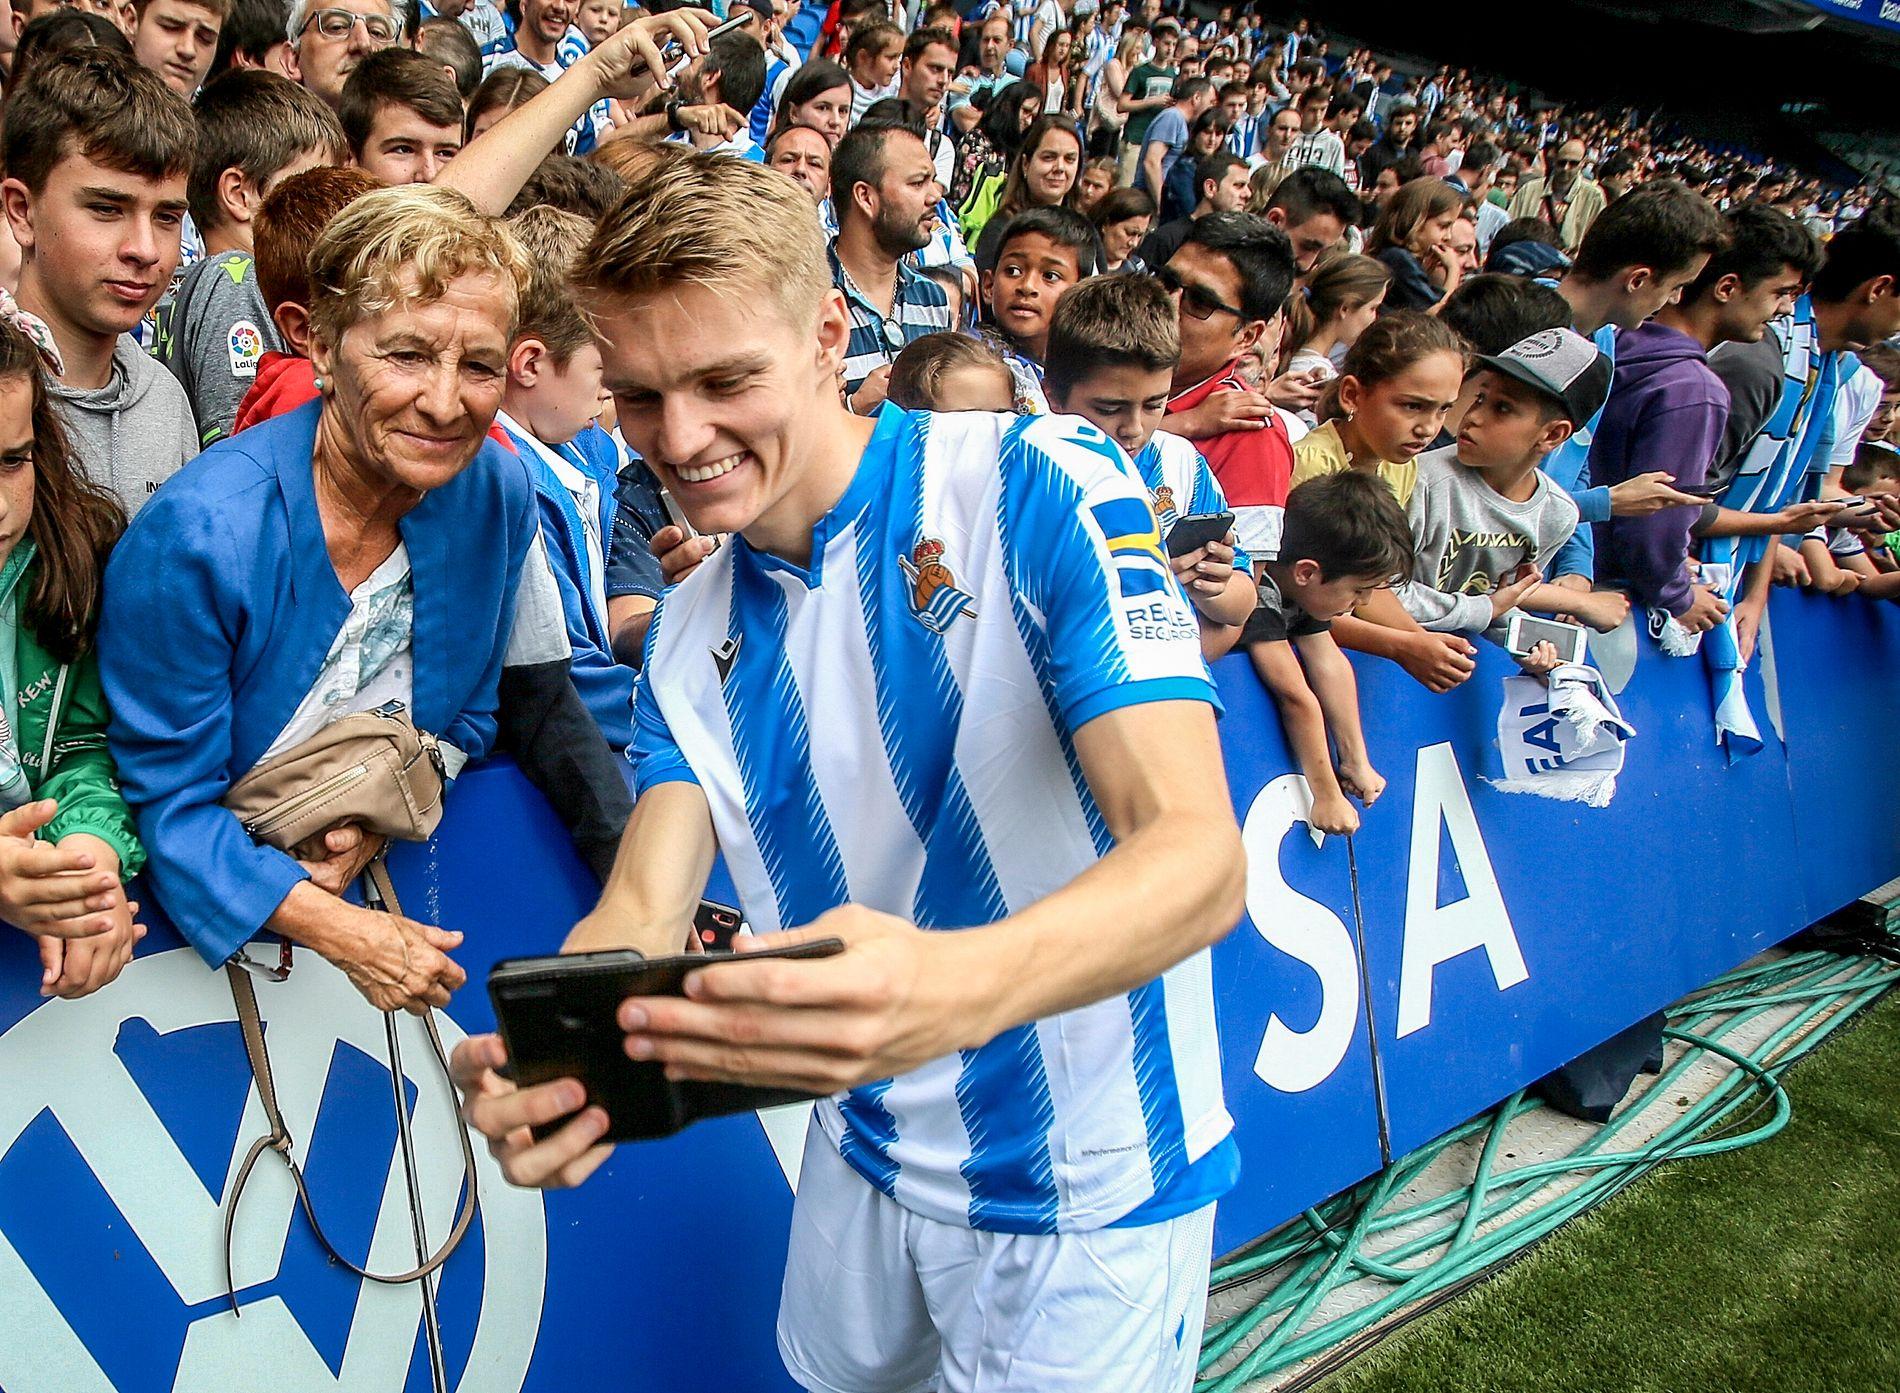 BLINKSKUDD: Martin Ødegaard, som her tar en selfie med fans under sin presentasjon som Real Sociedad-spiller, har kommet svært godt i gang i sin nye klubb.